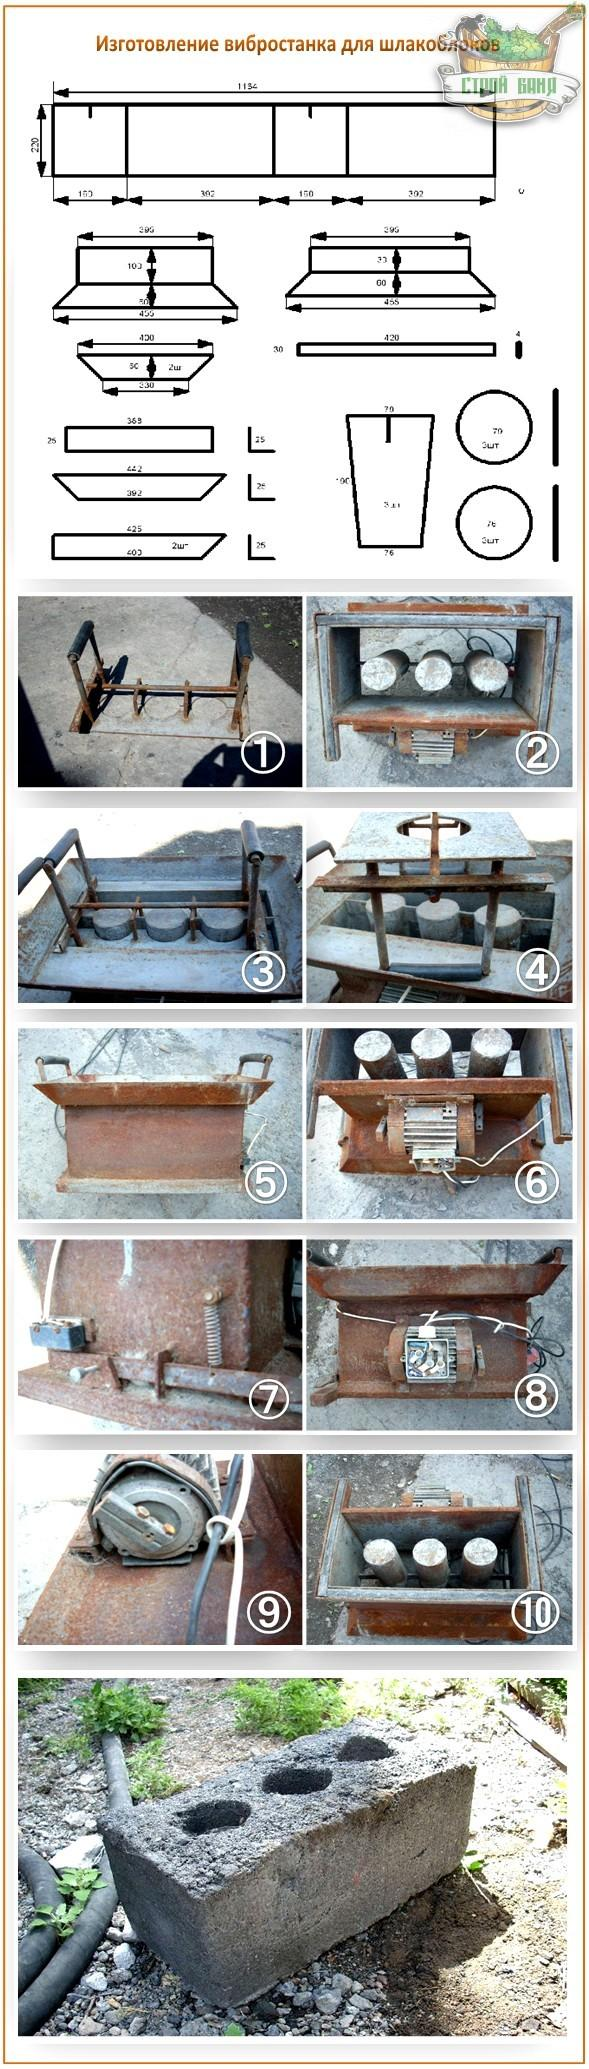 формы для изготовления шлакоблока своими руками